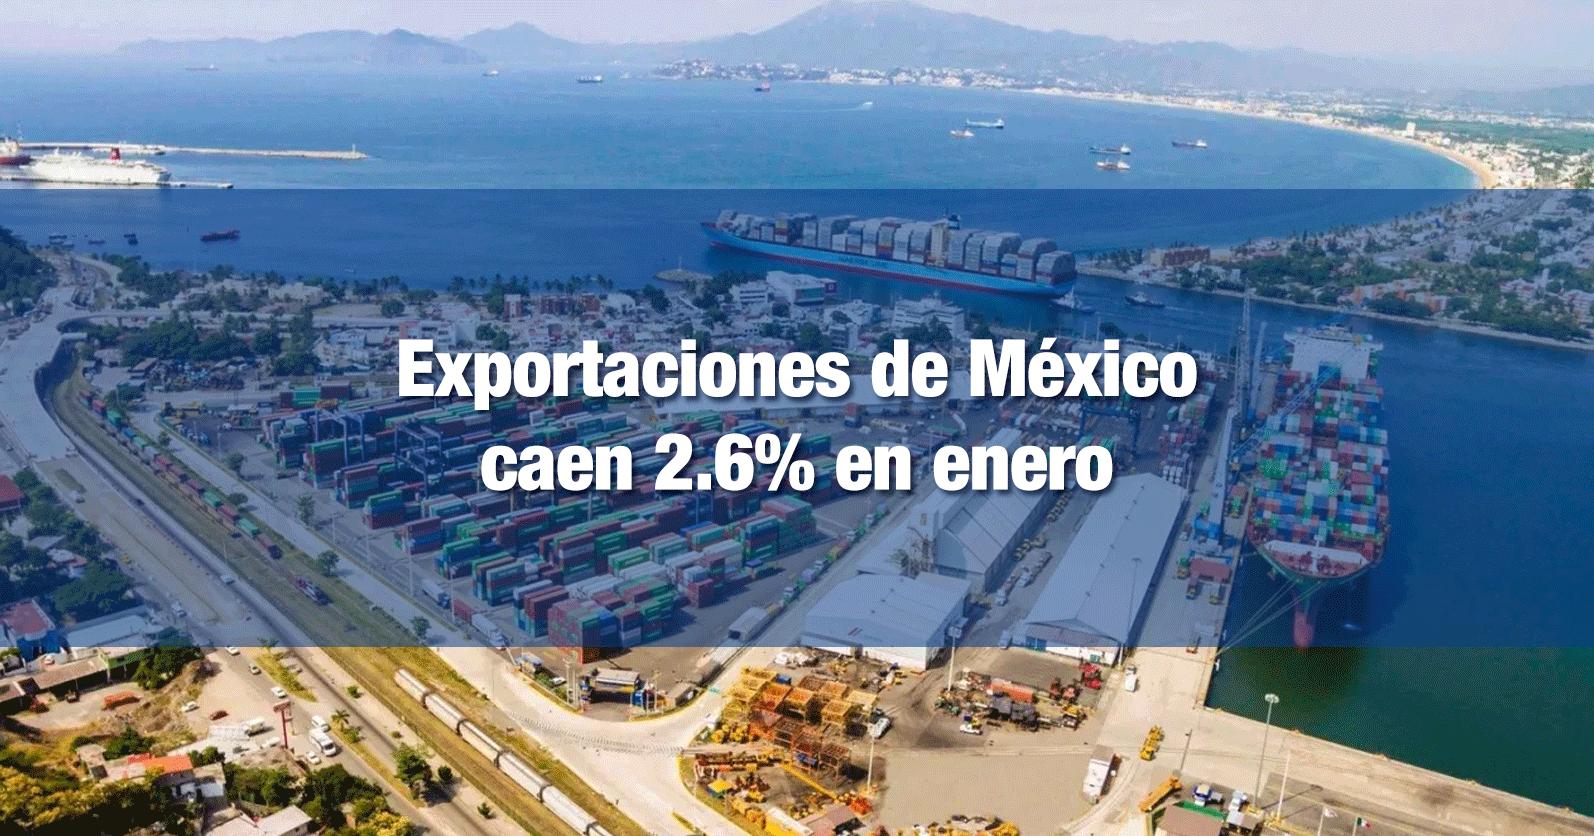 Exportaciones de México caen 2.6% en enero